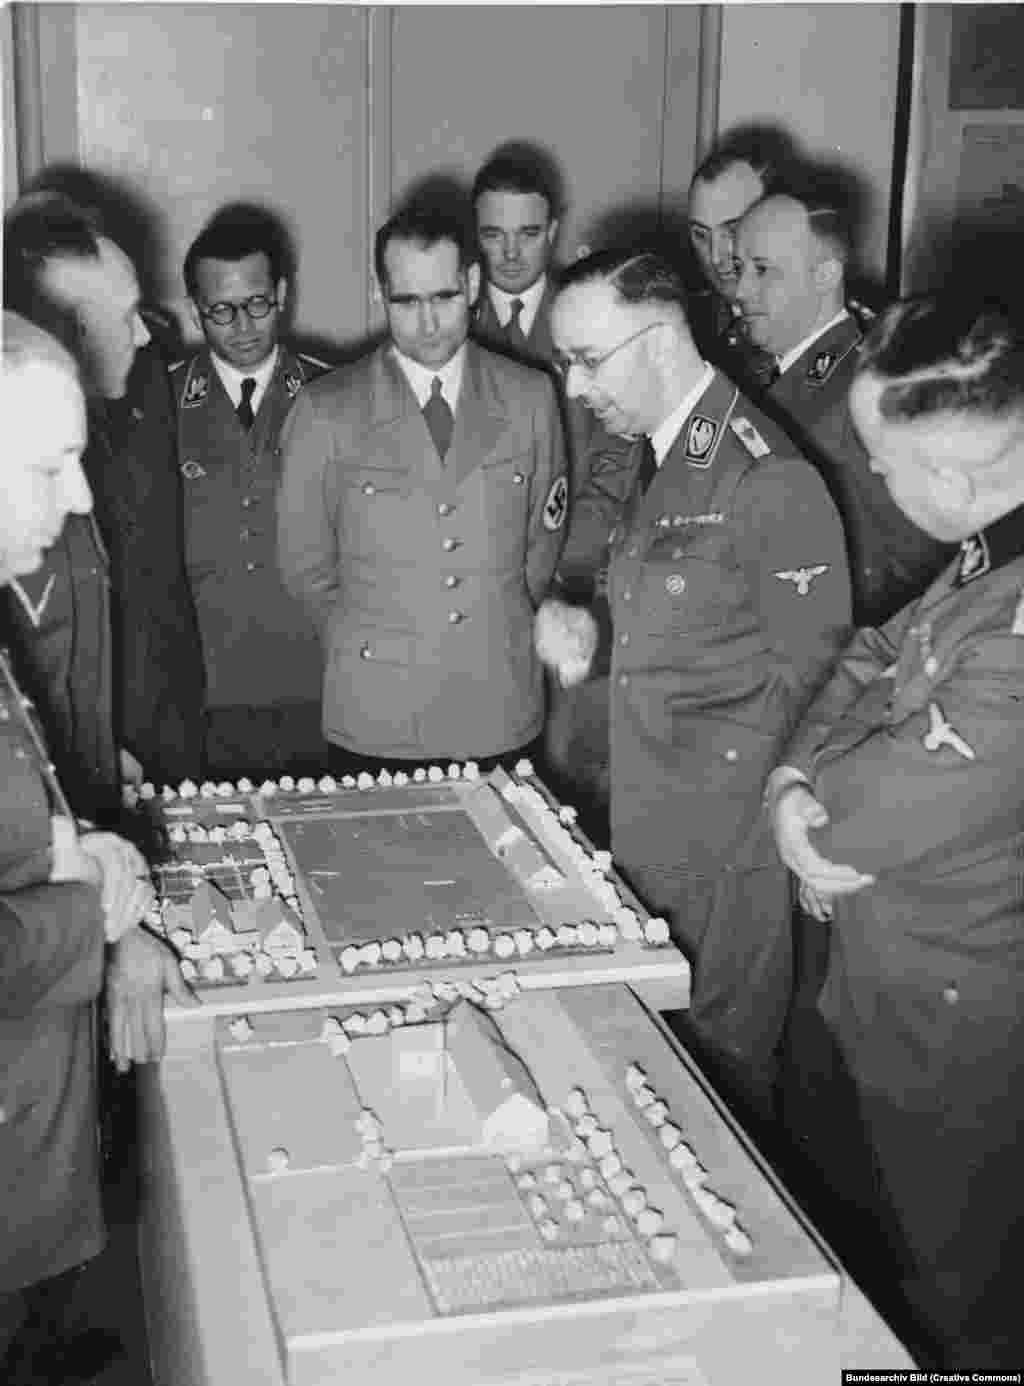 """Генрих Гиммлер и другие высокопоставленные нацисты рассматривают план создания поселений этнических немцев на советской территории в марте 1941 года. Вторжение готовилось годами, и на него намекал в манифесте «Майн Кампф» 1925 года нацистский лидер Адольф Гитлер, когда писал: «Если мы говорим о новой земле и территории в сегодняшней Европе, в первую очередь на ум приходят только Россия и ее страны-вассалы""""."""